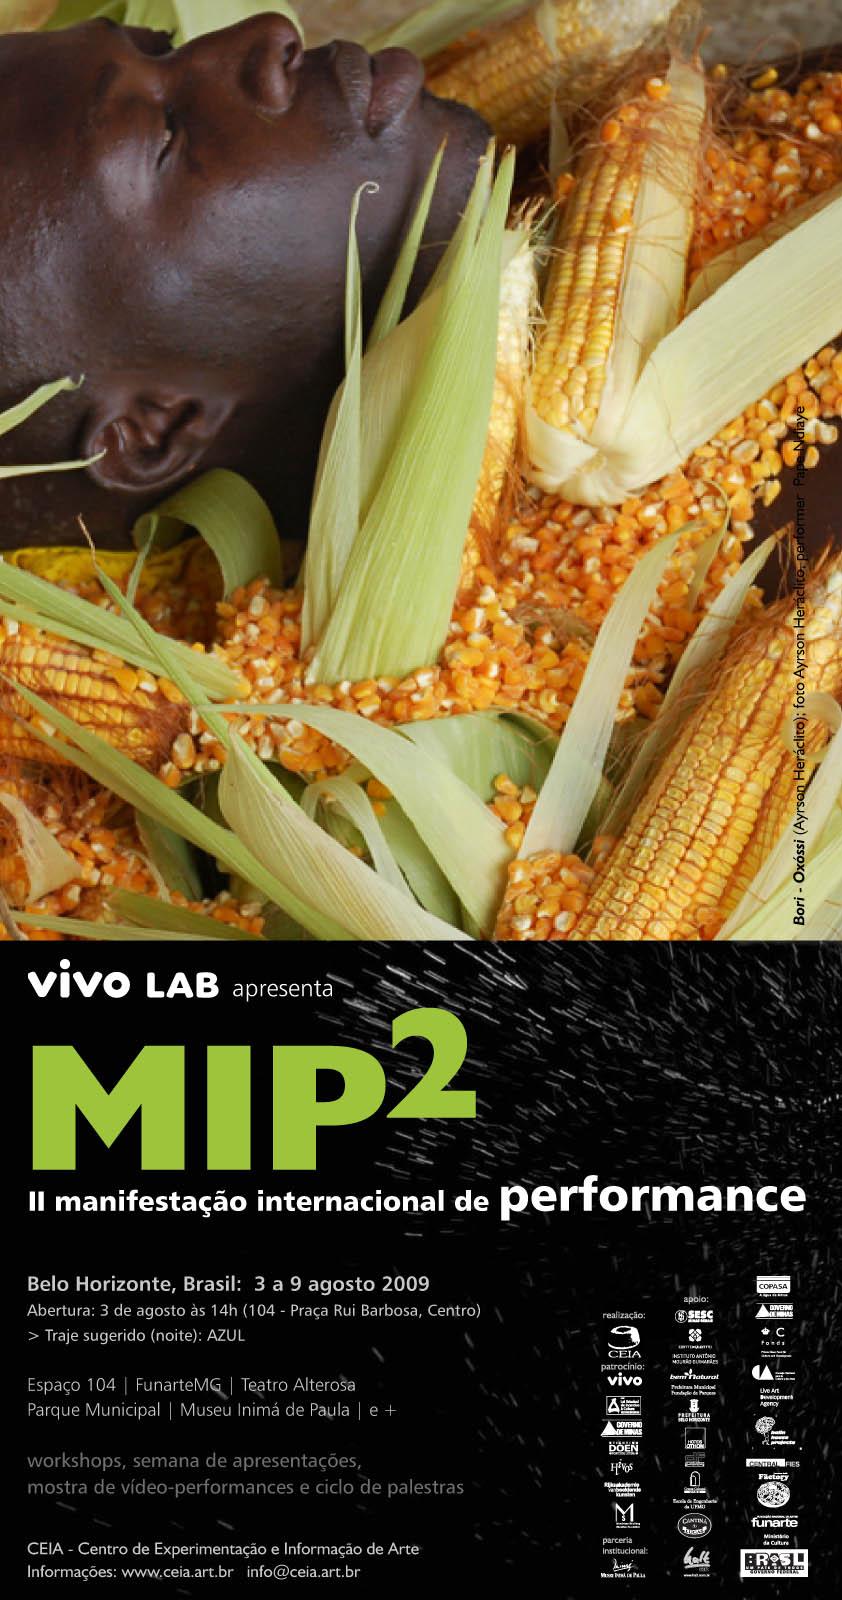 MIP - Movimentação Internacional de Perfoirmance